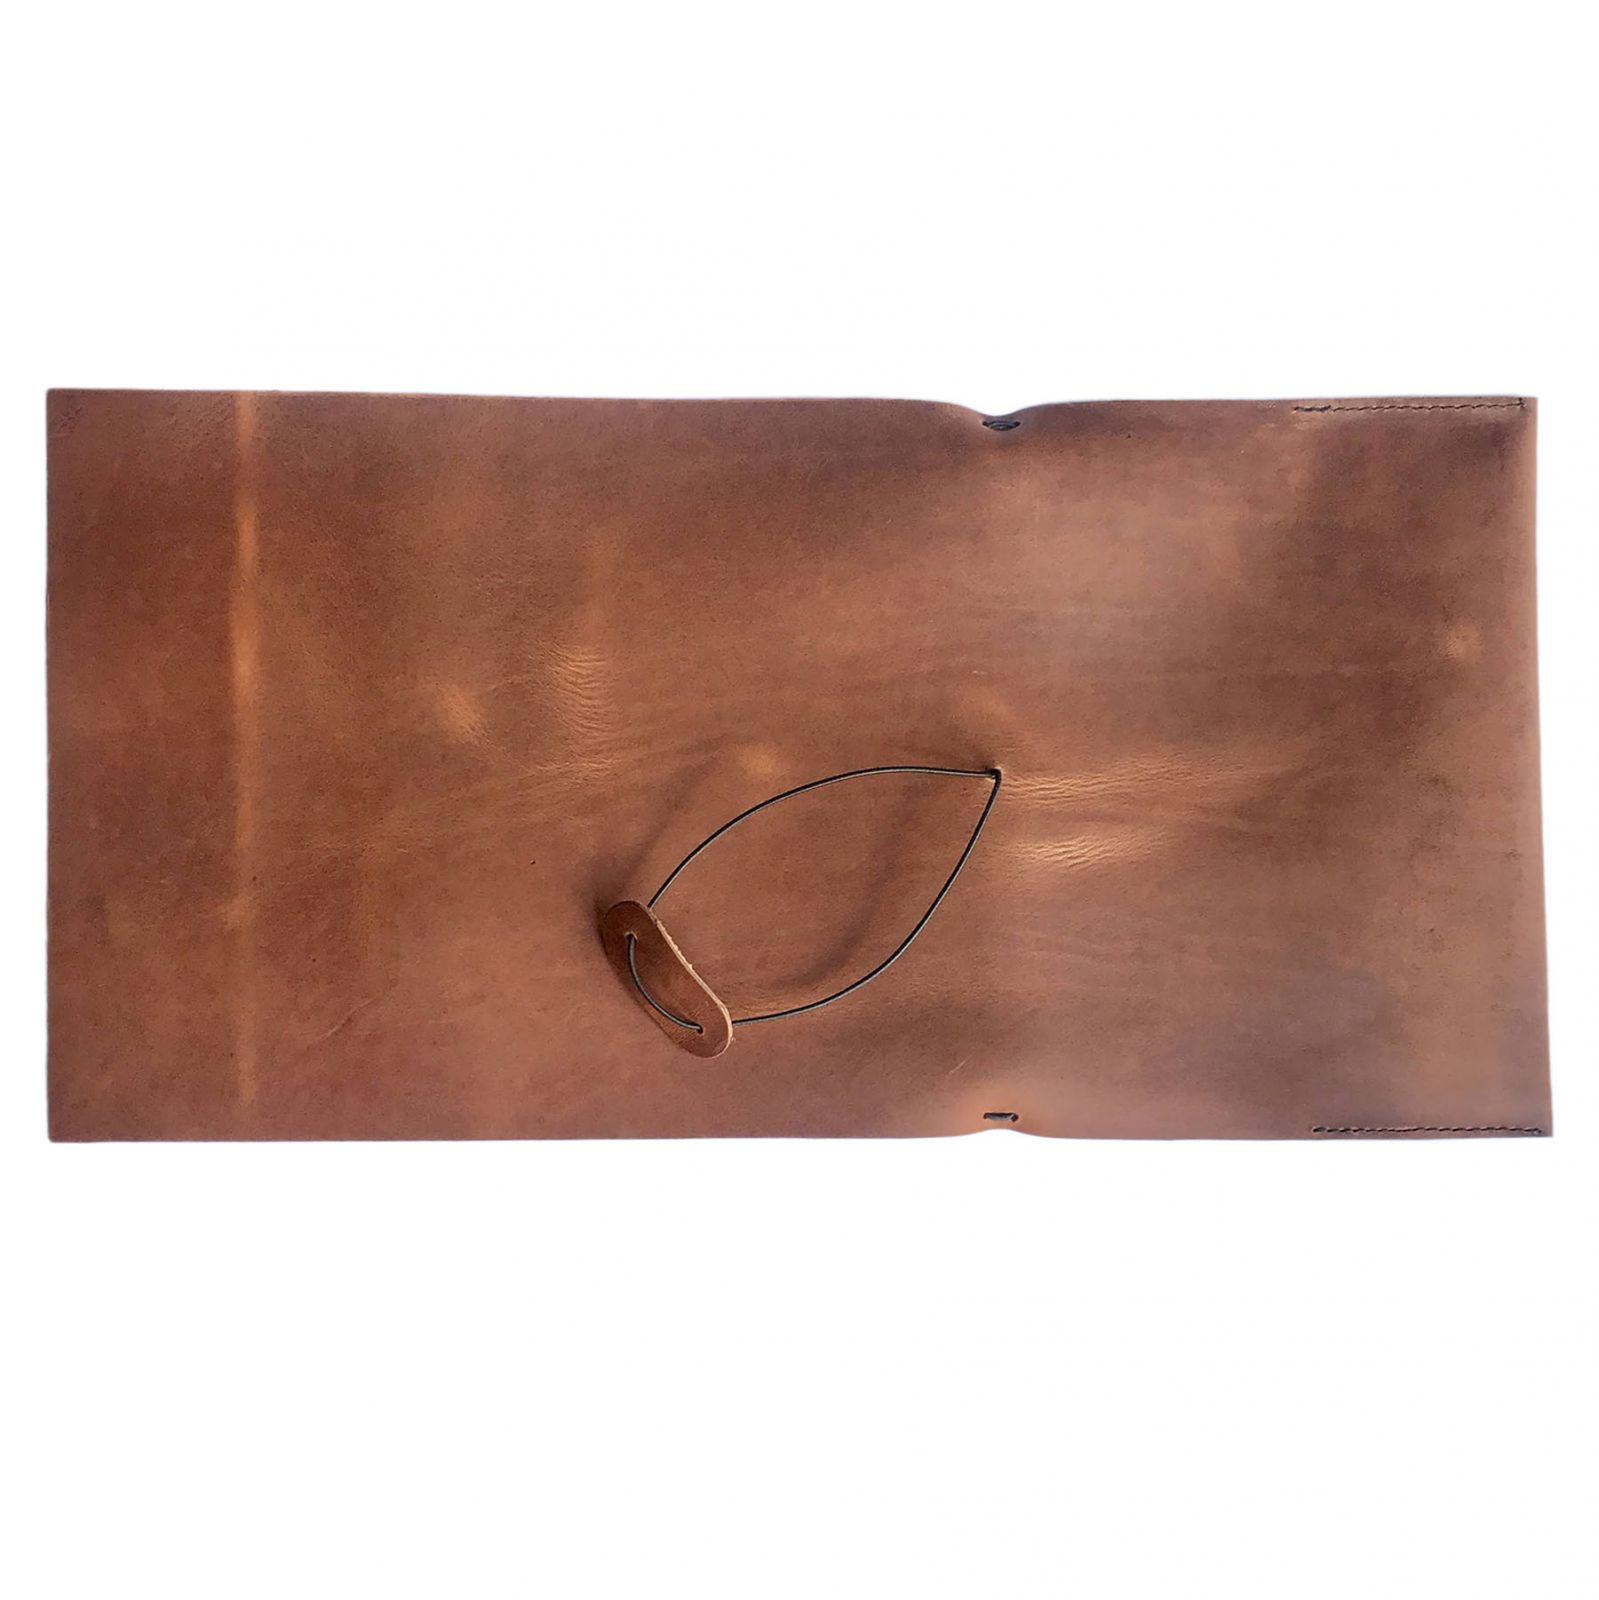 odine uzrasine dienorastis sketchbook gimtadienio dovanos vyrams sukaktuviu dovanu idejos vyrui dizaineriui programuotojui menininkui muzikantui darbo knyga 411